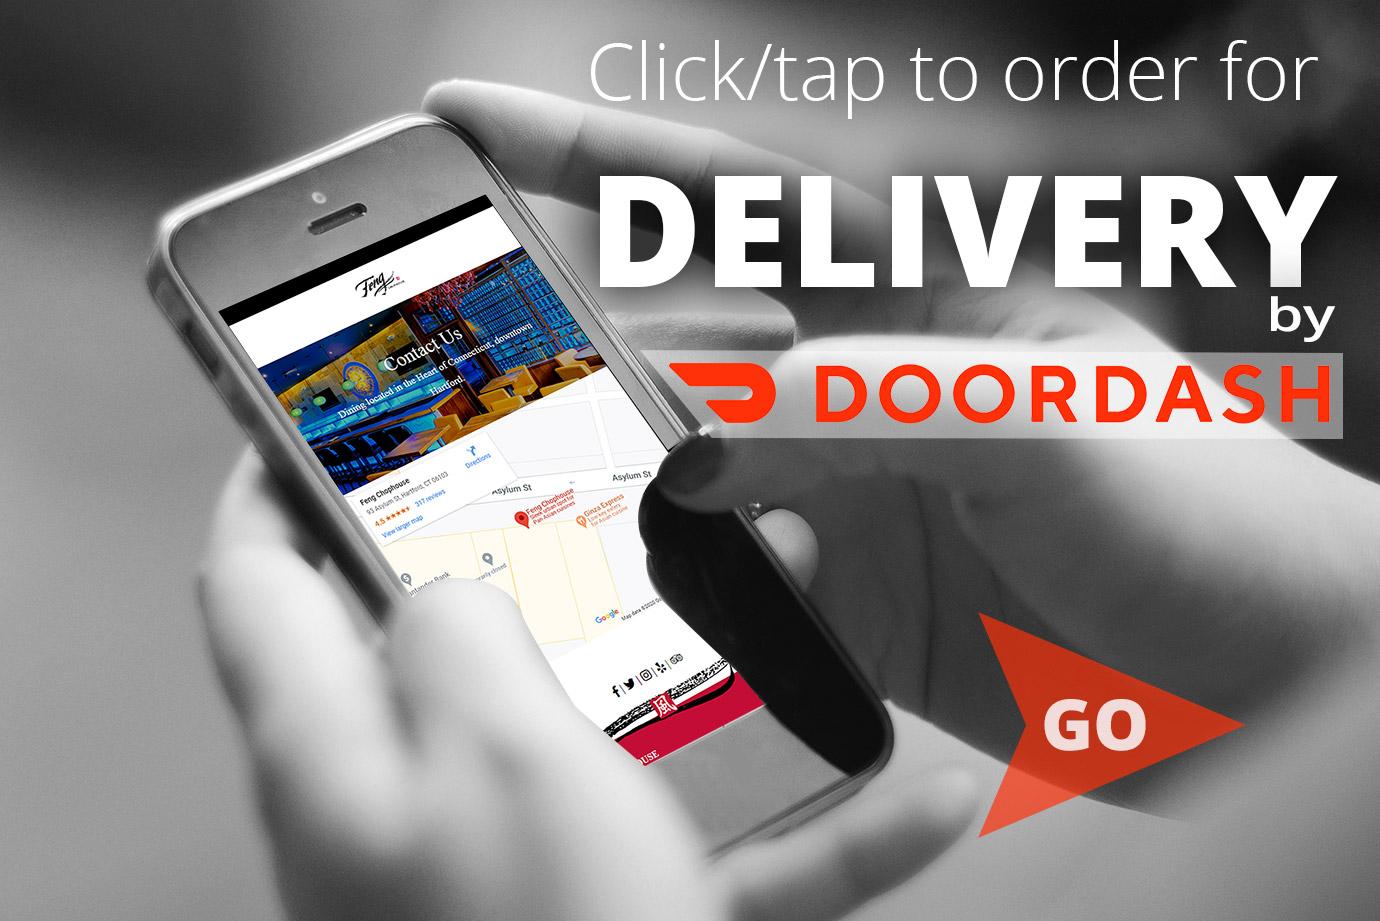 ONLINE ORDER - Delivery - DOORDASH